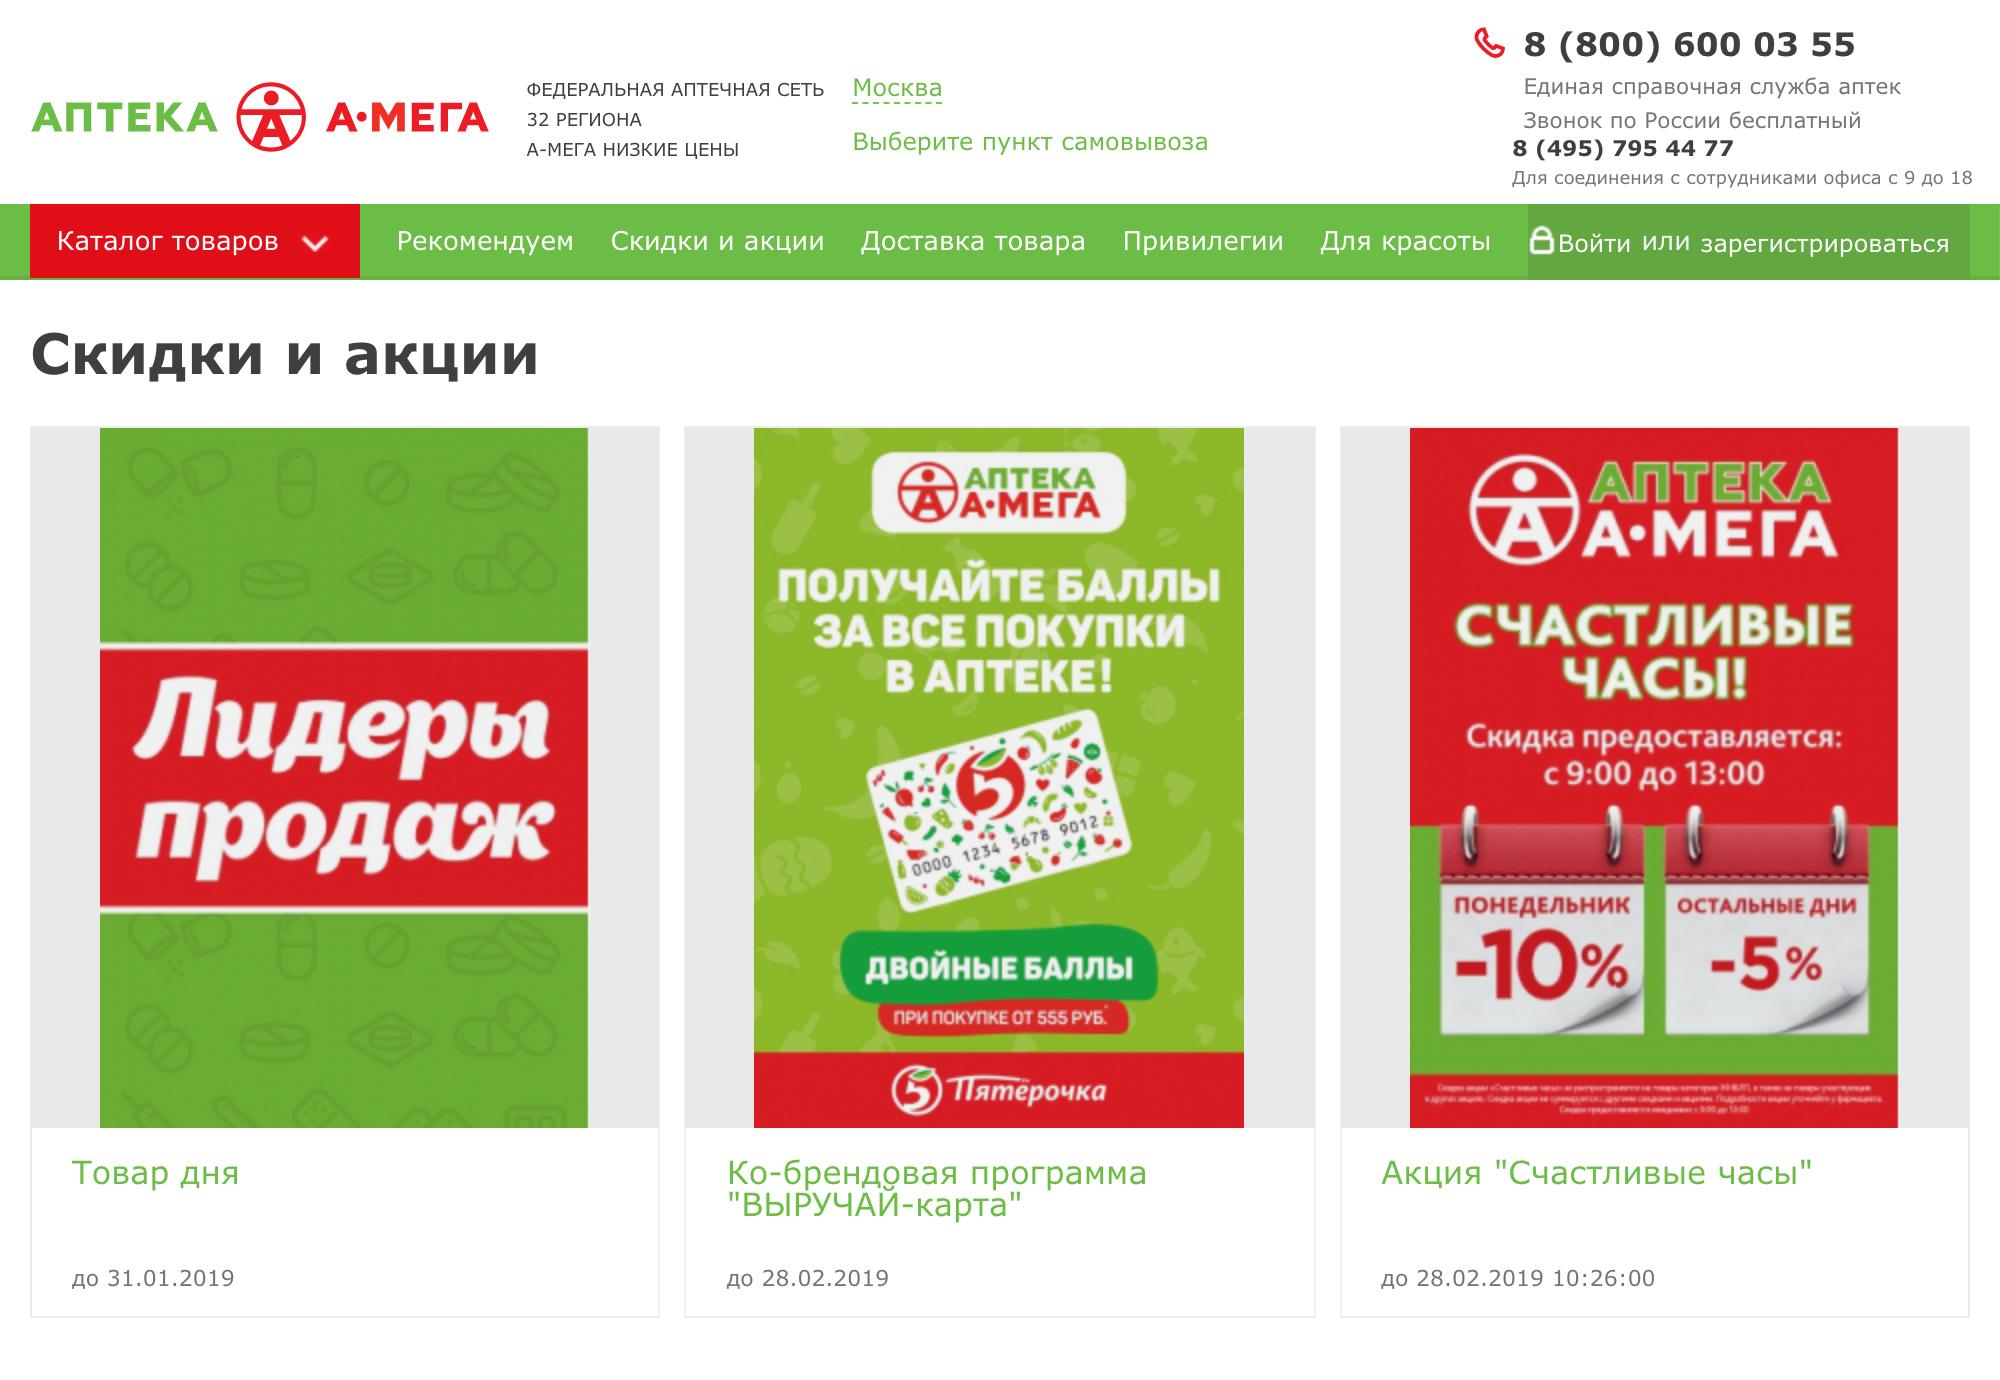 Некоторые аптеки анонсируют скидки на сайте